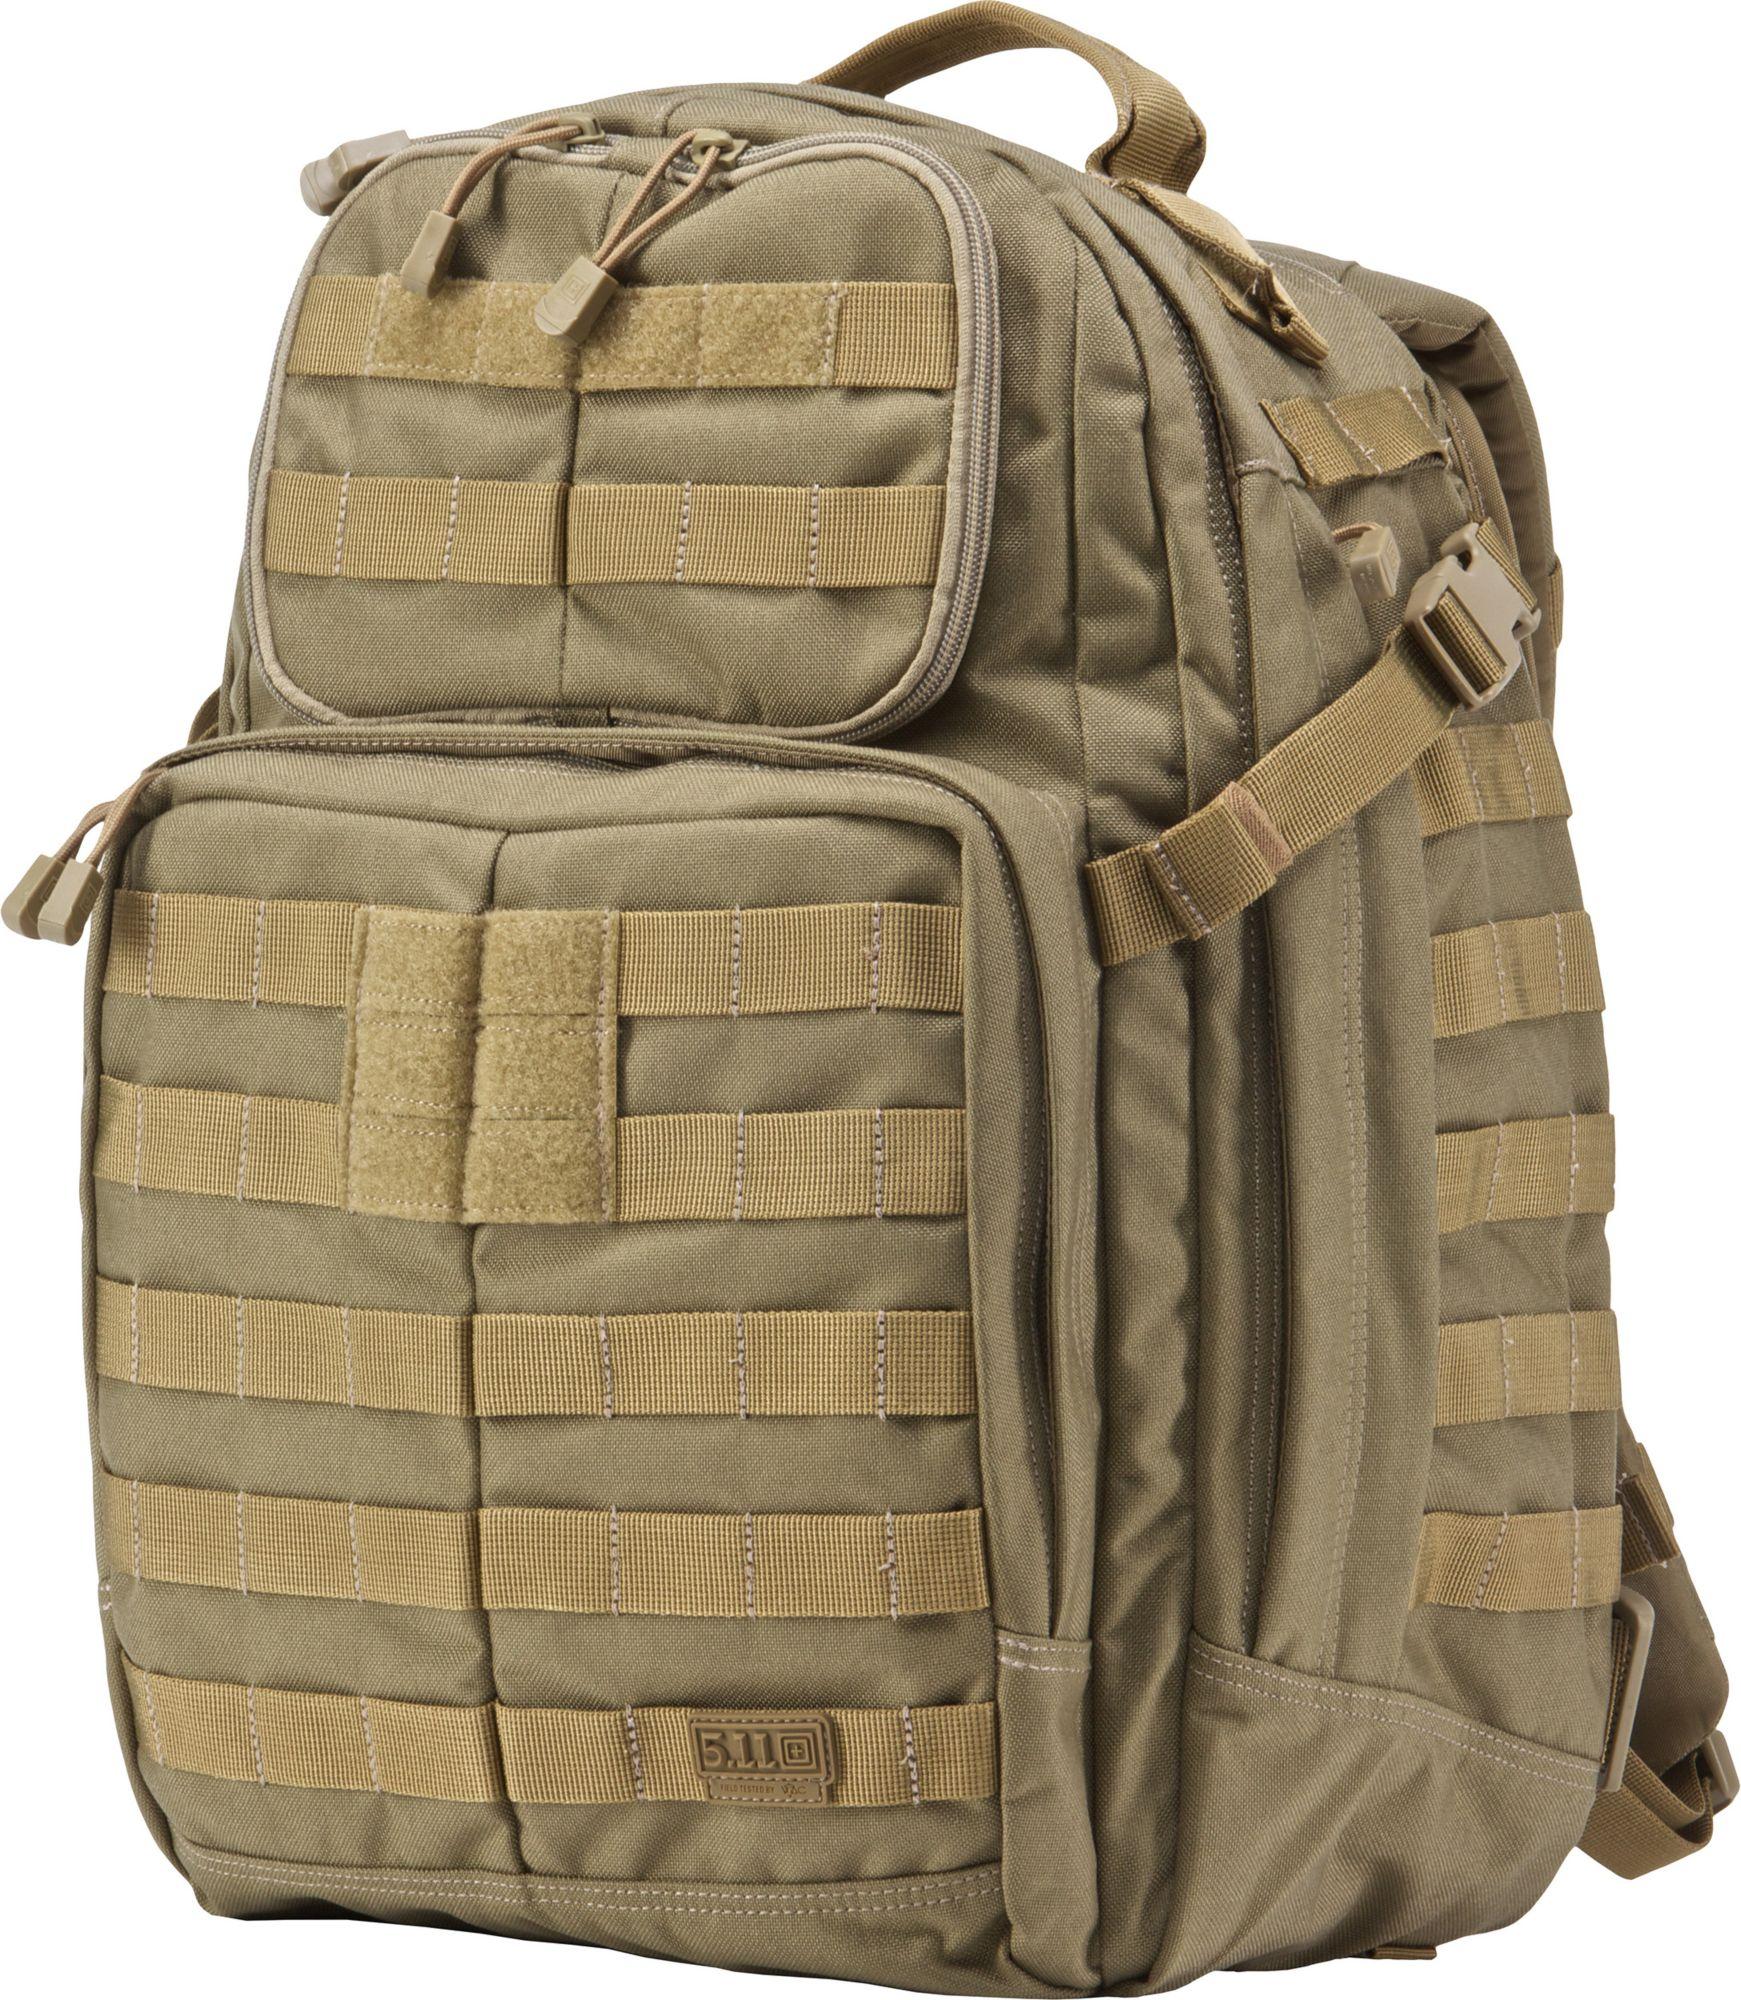 5.11 Tactical Rush 24 MultiCam Backpack, Tan